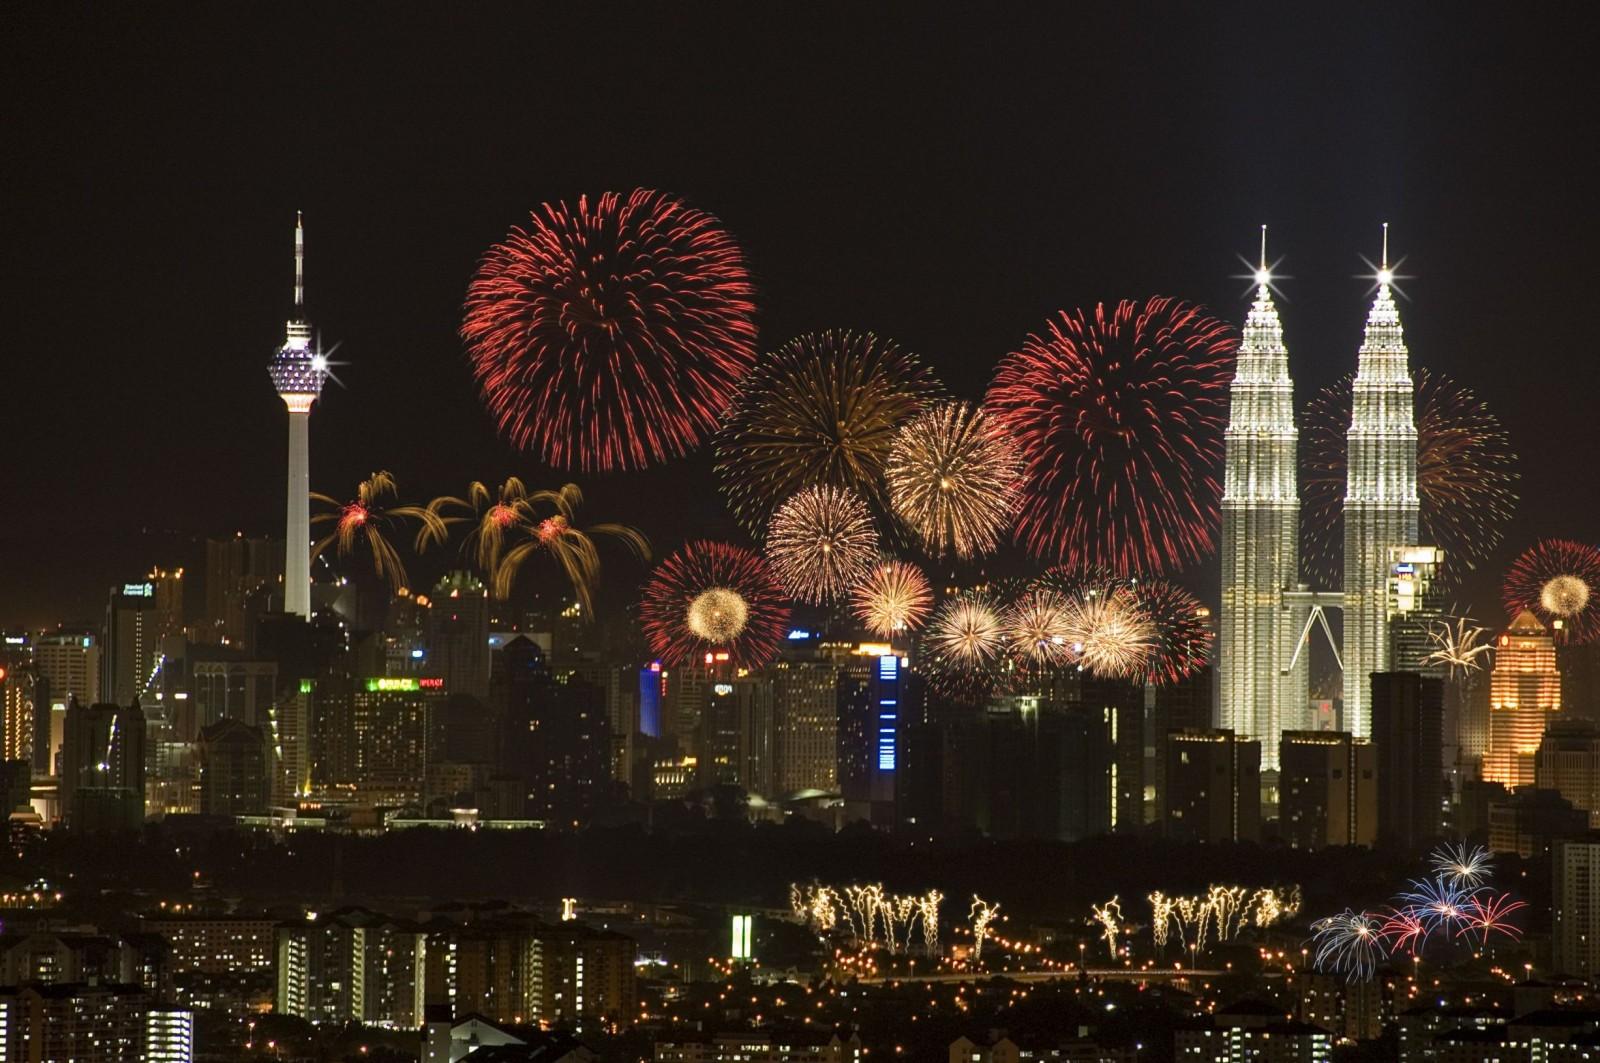 Xem chương trình du lịch tương tác trực tuyến của KingGo mới biết có một Malaysia đẹp hút hồn tới vậy! - Ảnh 16.